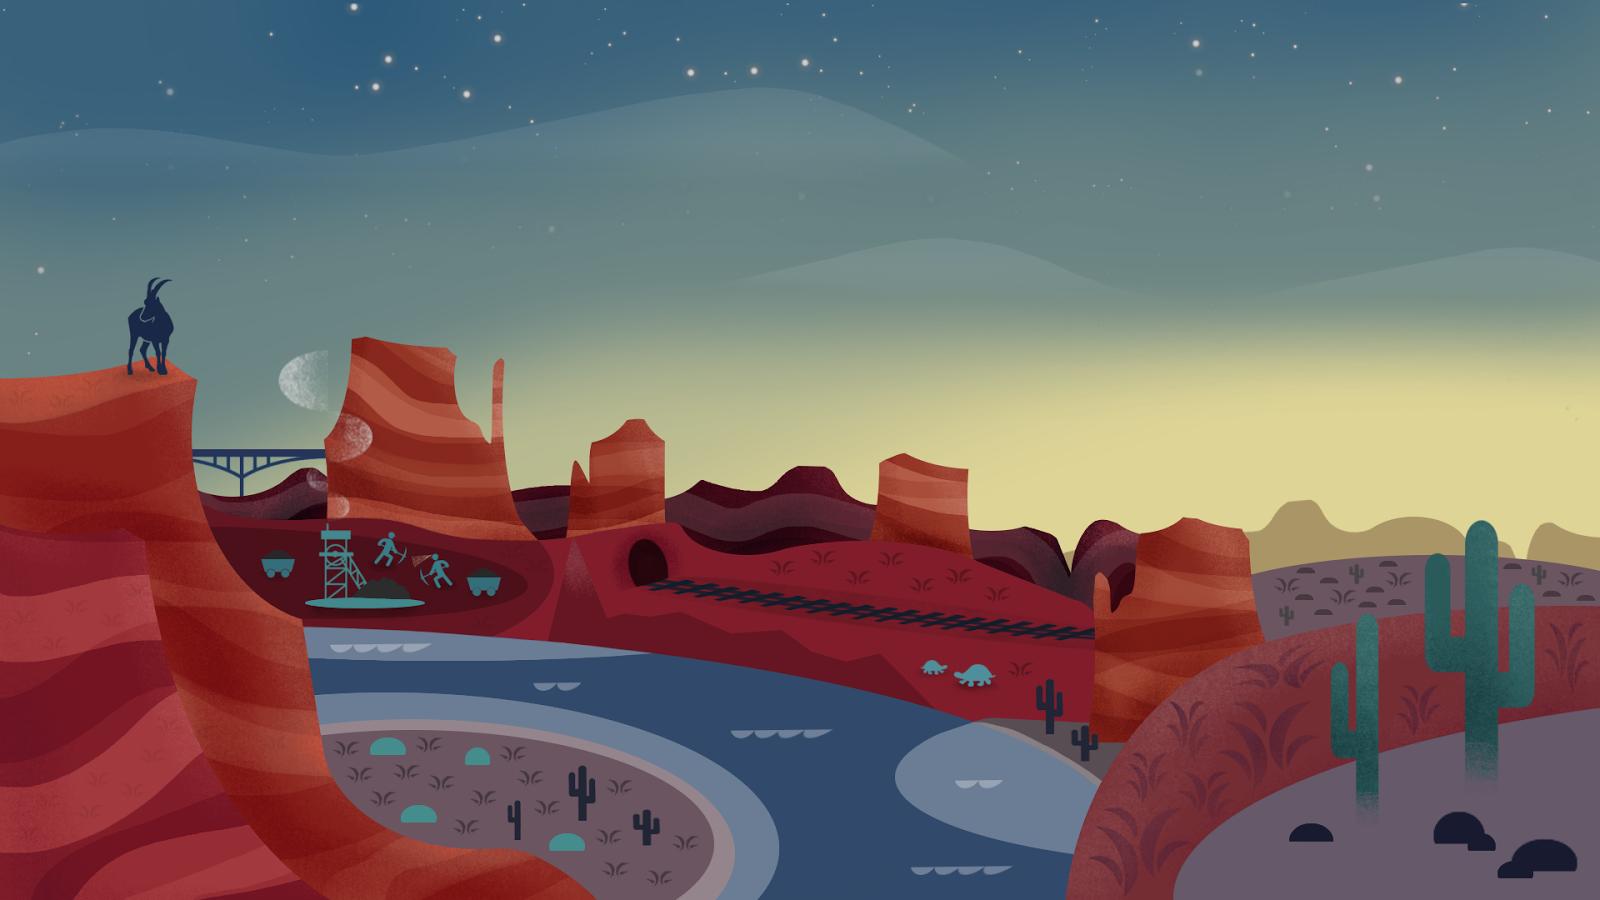 16 hình nền đẹp cho máy tính lấy cảm hứng từ thiết bị Android